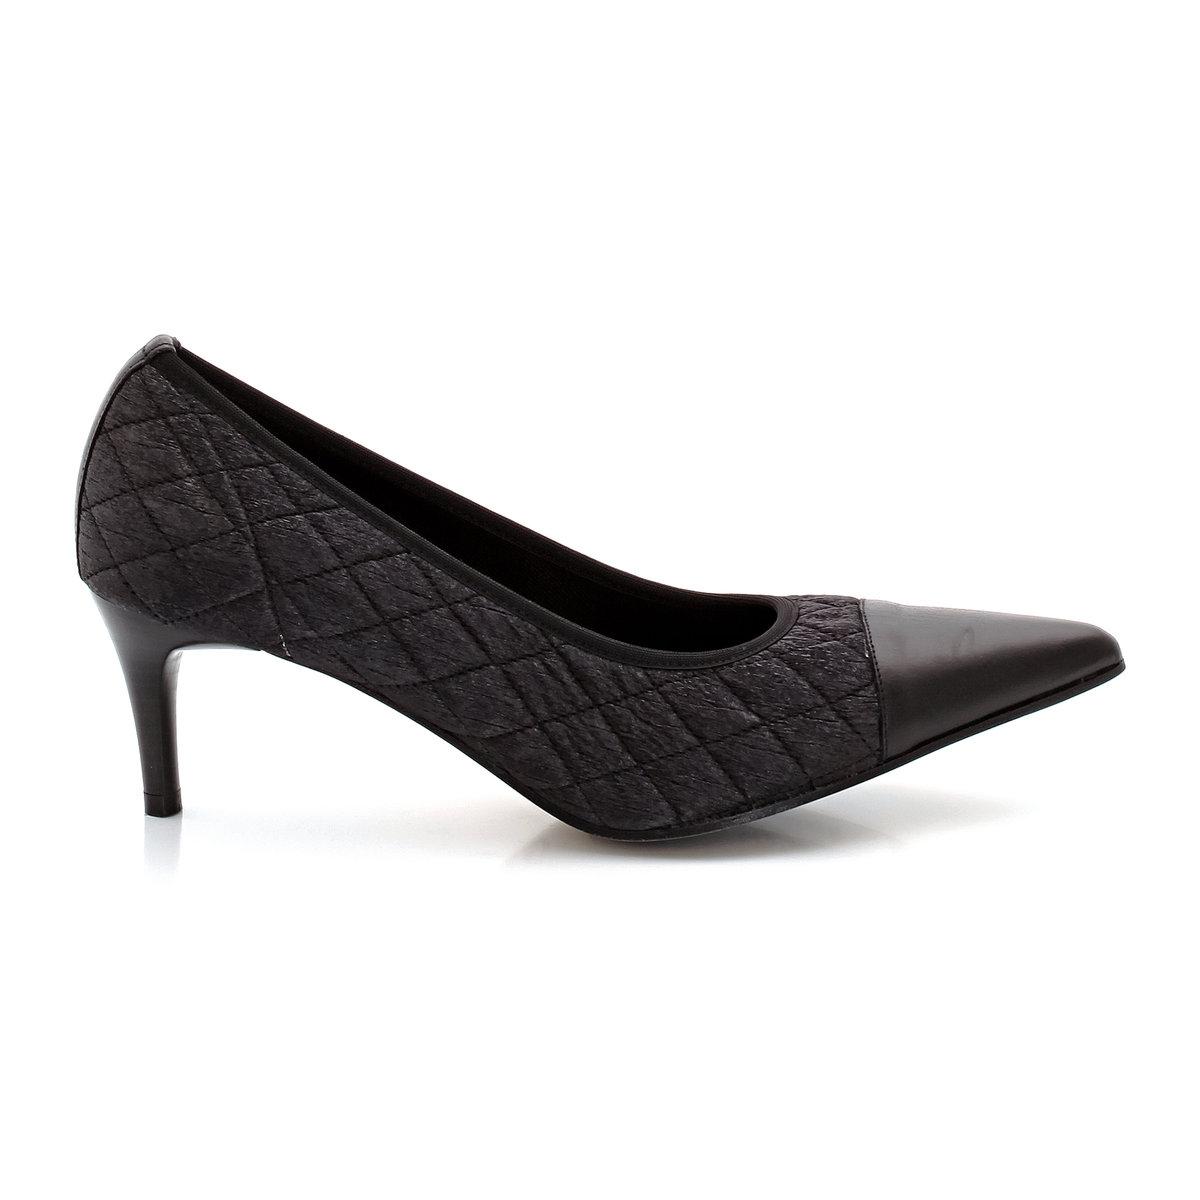 цены на Туфли из кожи RAYAN от ELIZABETH STUART в интернет-магазинах